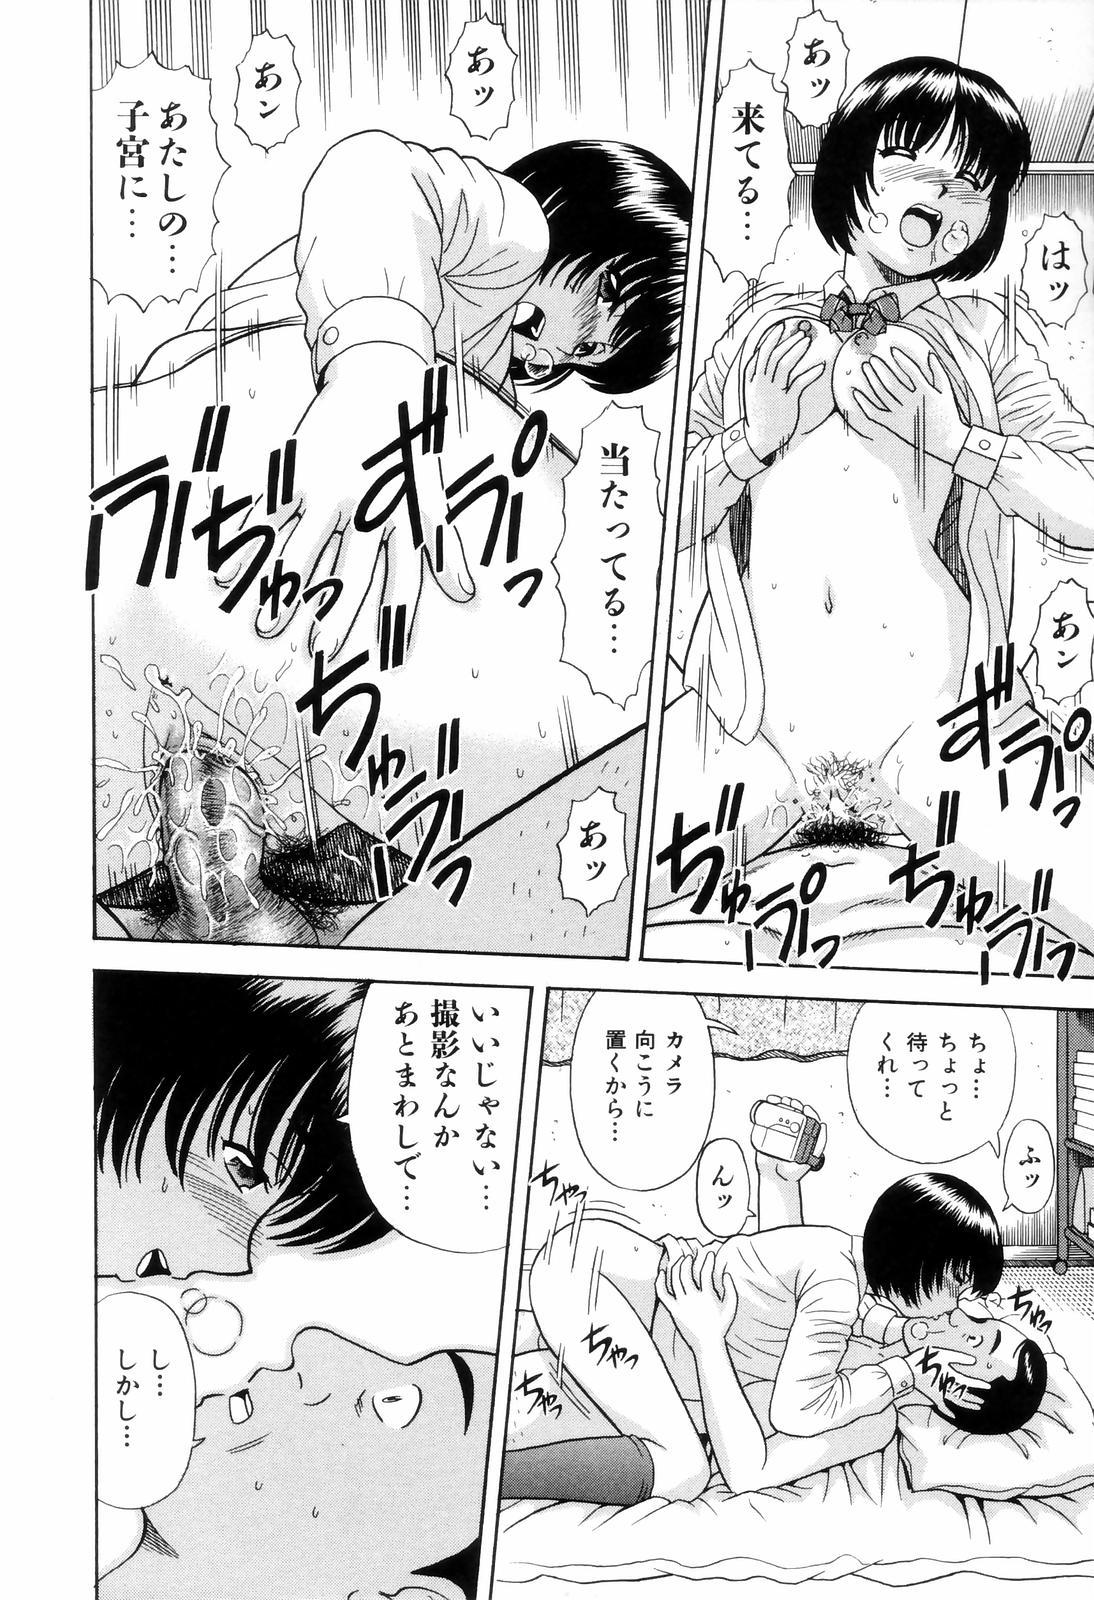 【エロ漫画】父親の借金返済のため近親相姦ハメ撮りAVを売られる娘www